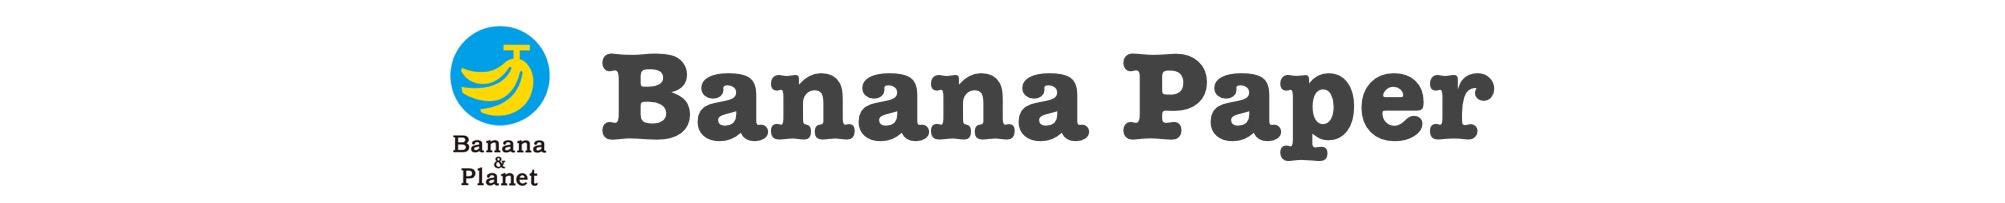 One Planet Café | Banana Paper